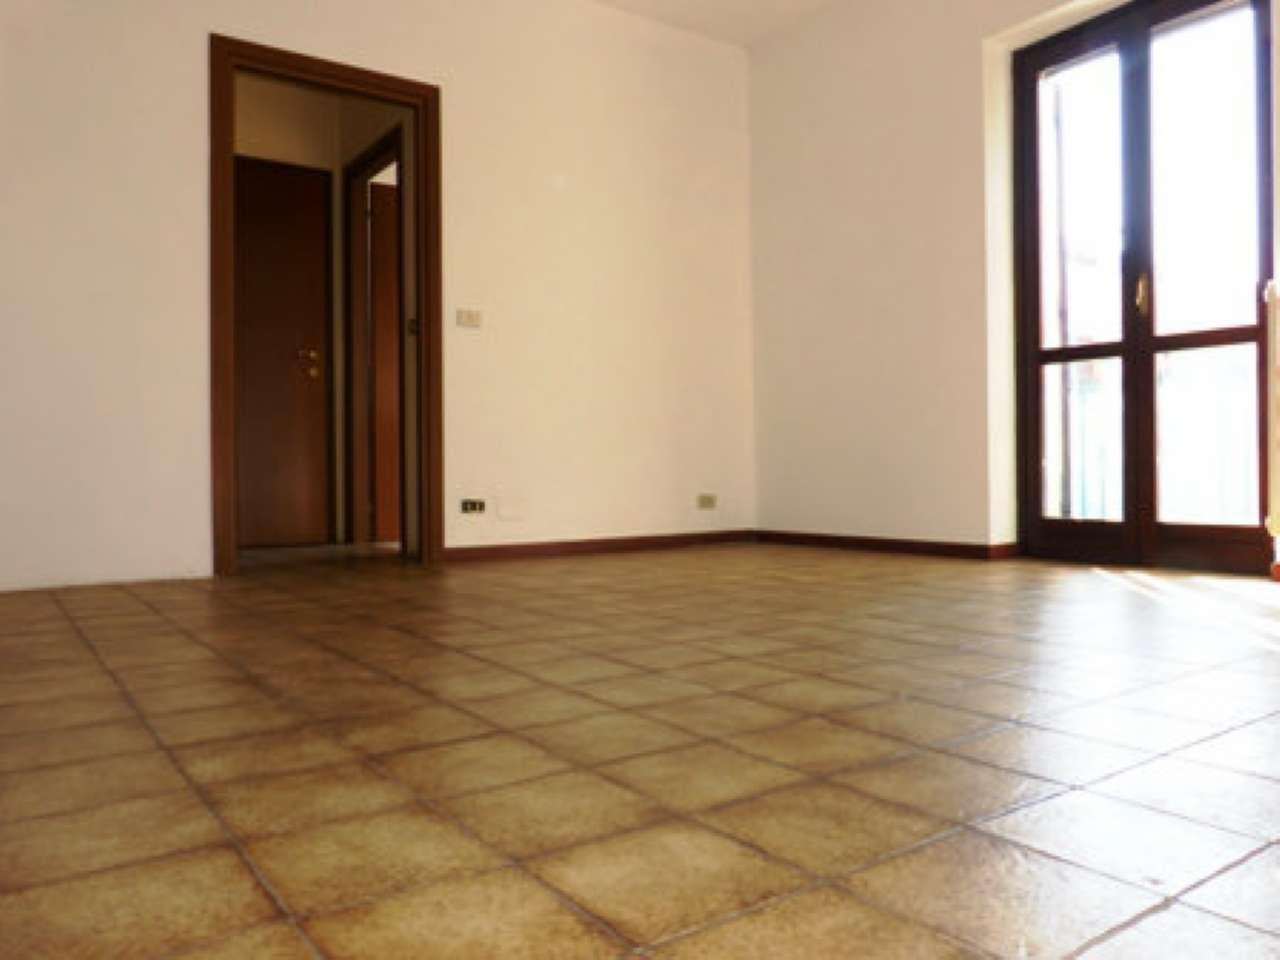 Appartamento in vendita a Fossano, 3 locali, prezzo € 120.000 | CambioCasa.it